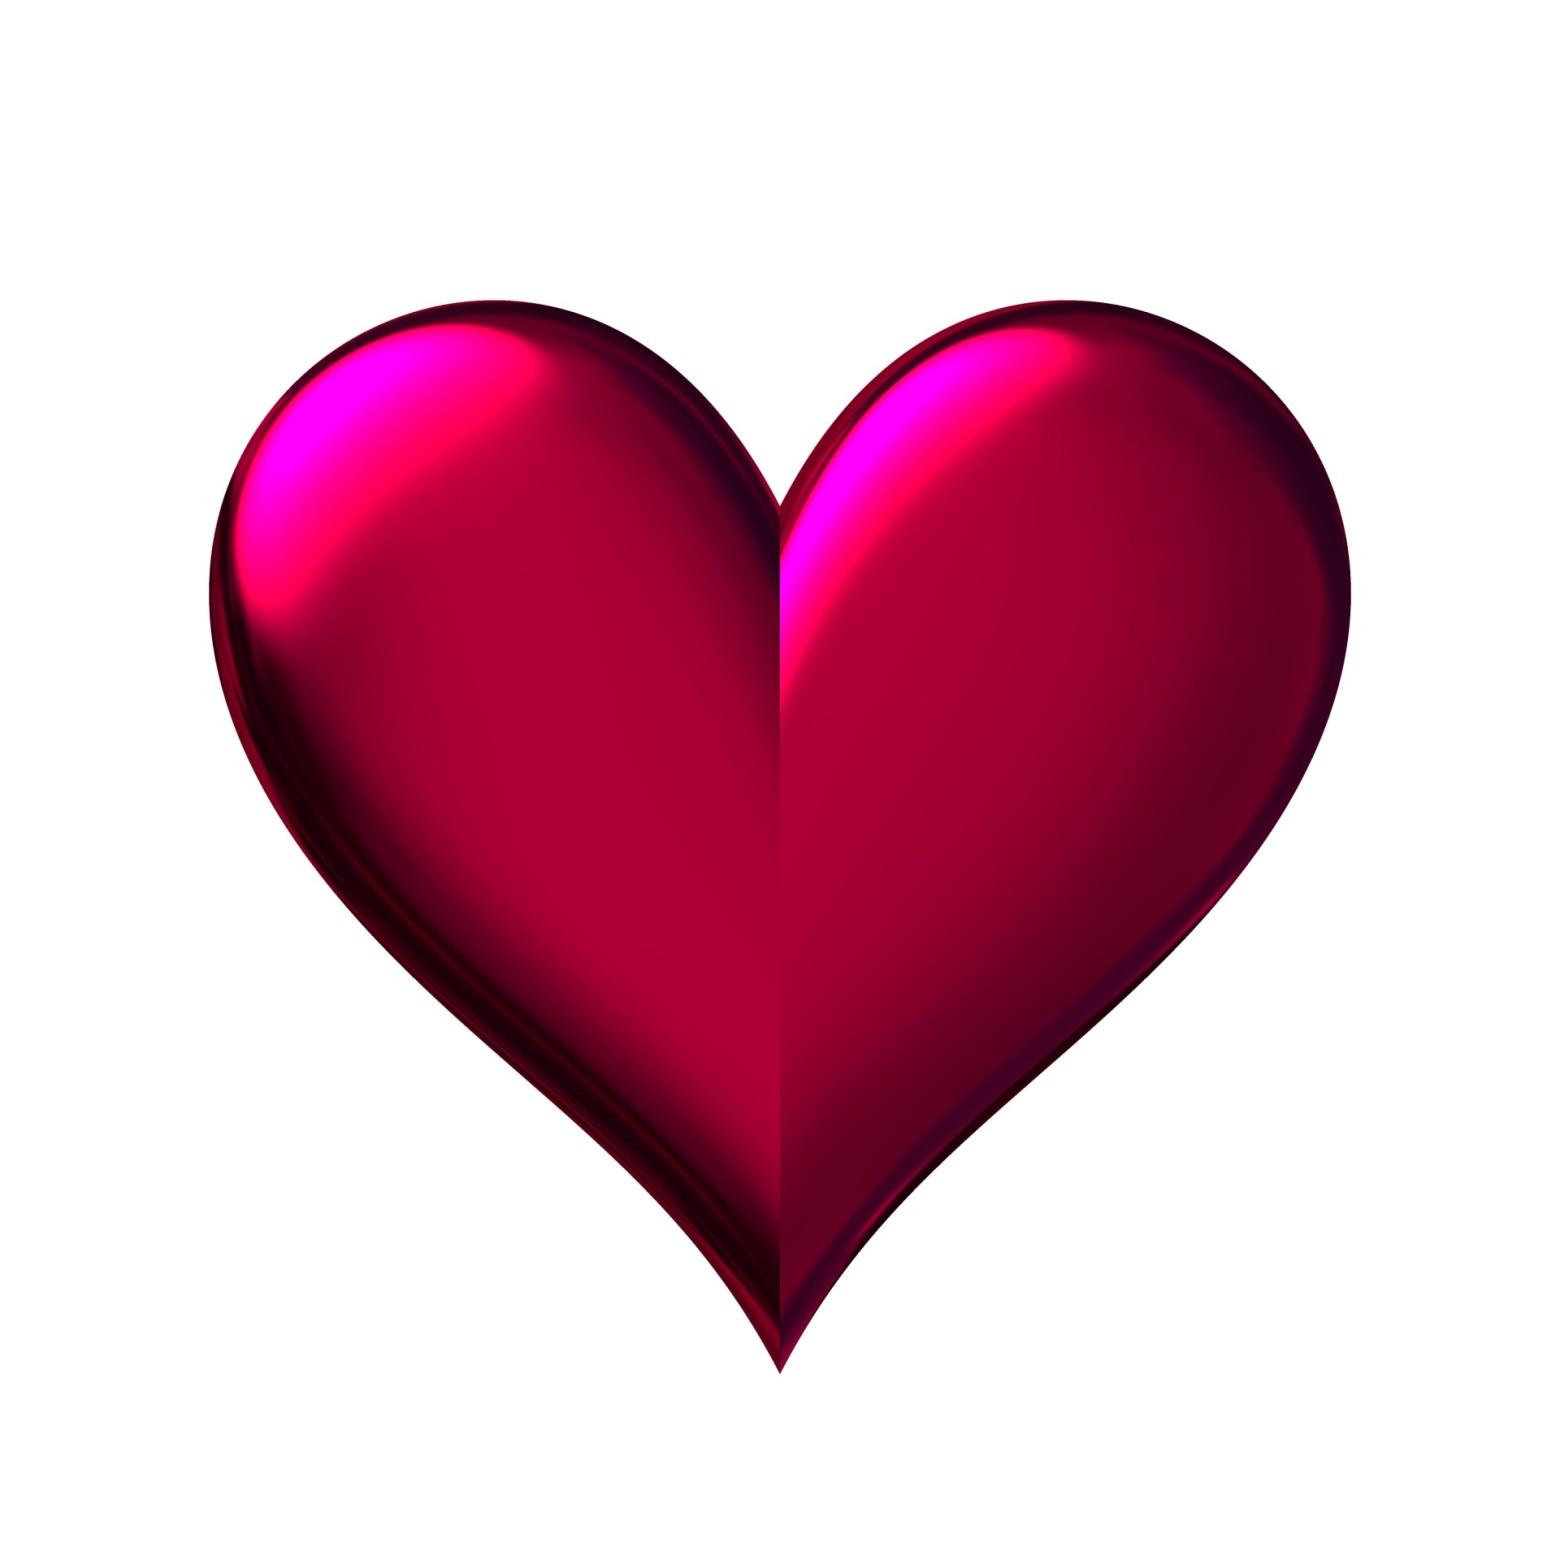 Coeur 3d image gratuite images gratuites et libres de droits - Images coeur gratuites ...